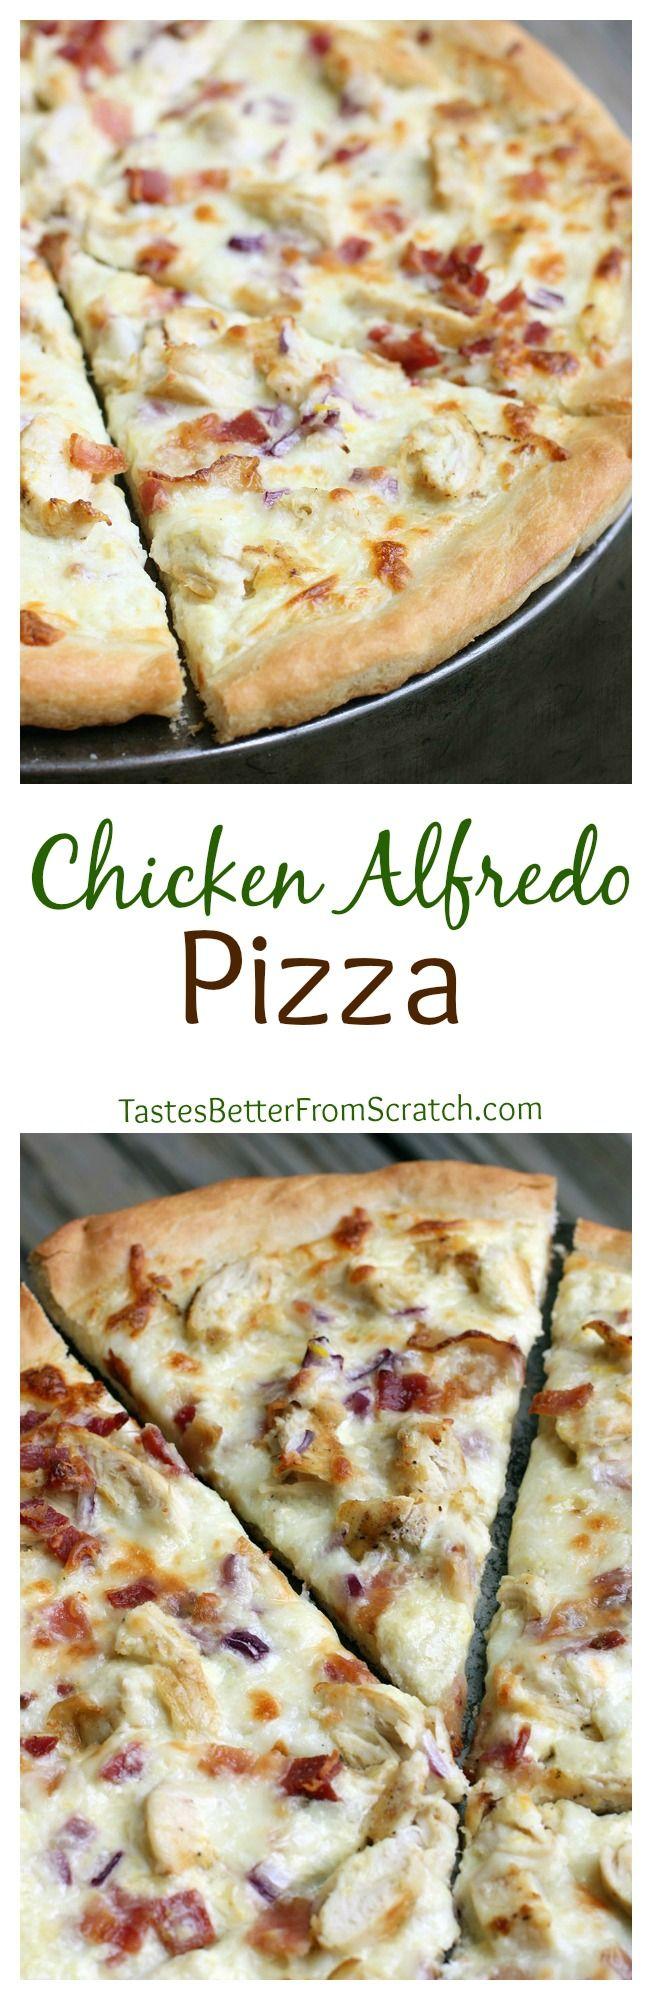 Chicken Alfredo Pizza on MyRecipeMagic.com